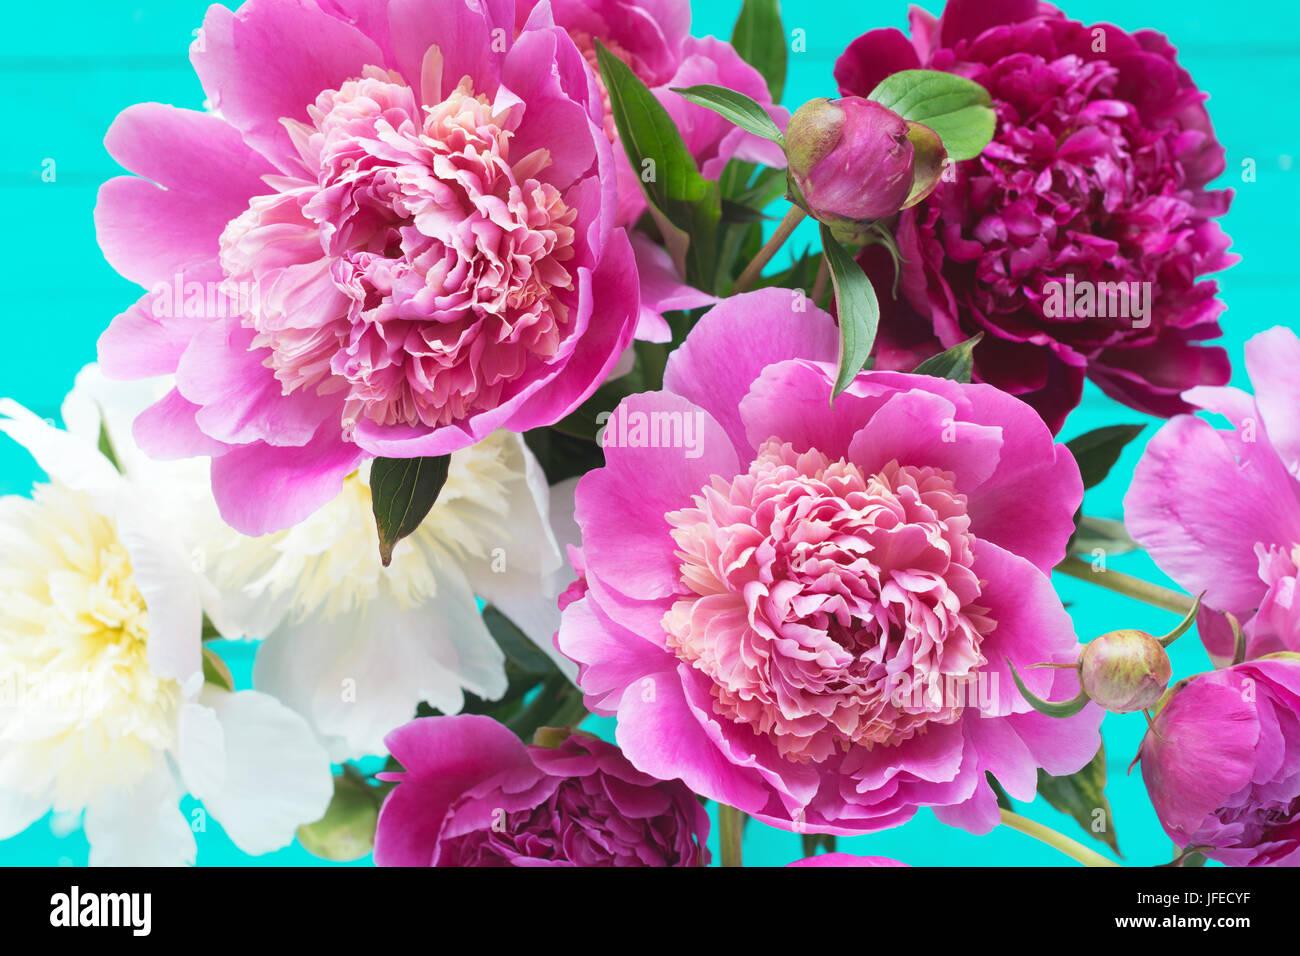 Fondo De Madera Vintage Con Flores Blancas Manzana Y: Fondo Floral Con Hermosa Rosa, Morado Y Blanco Peonías